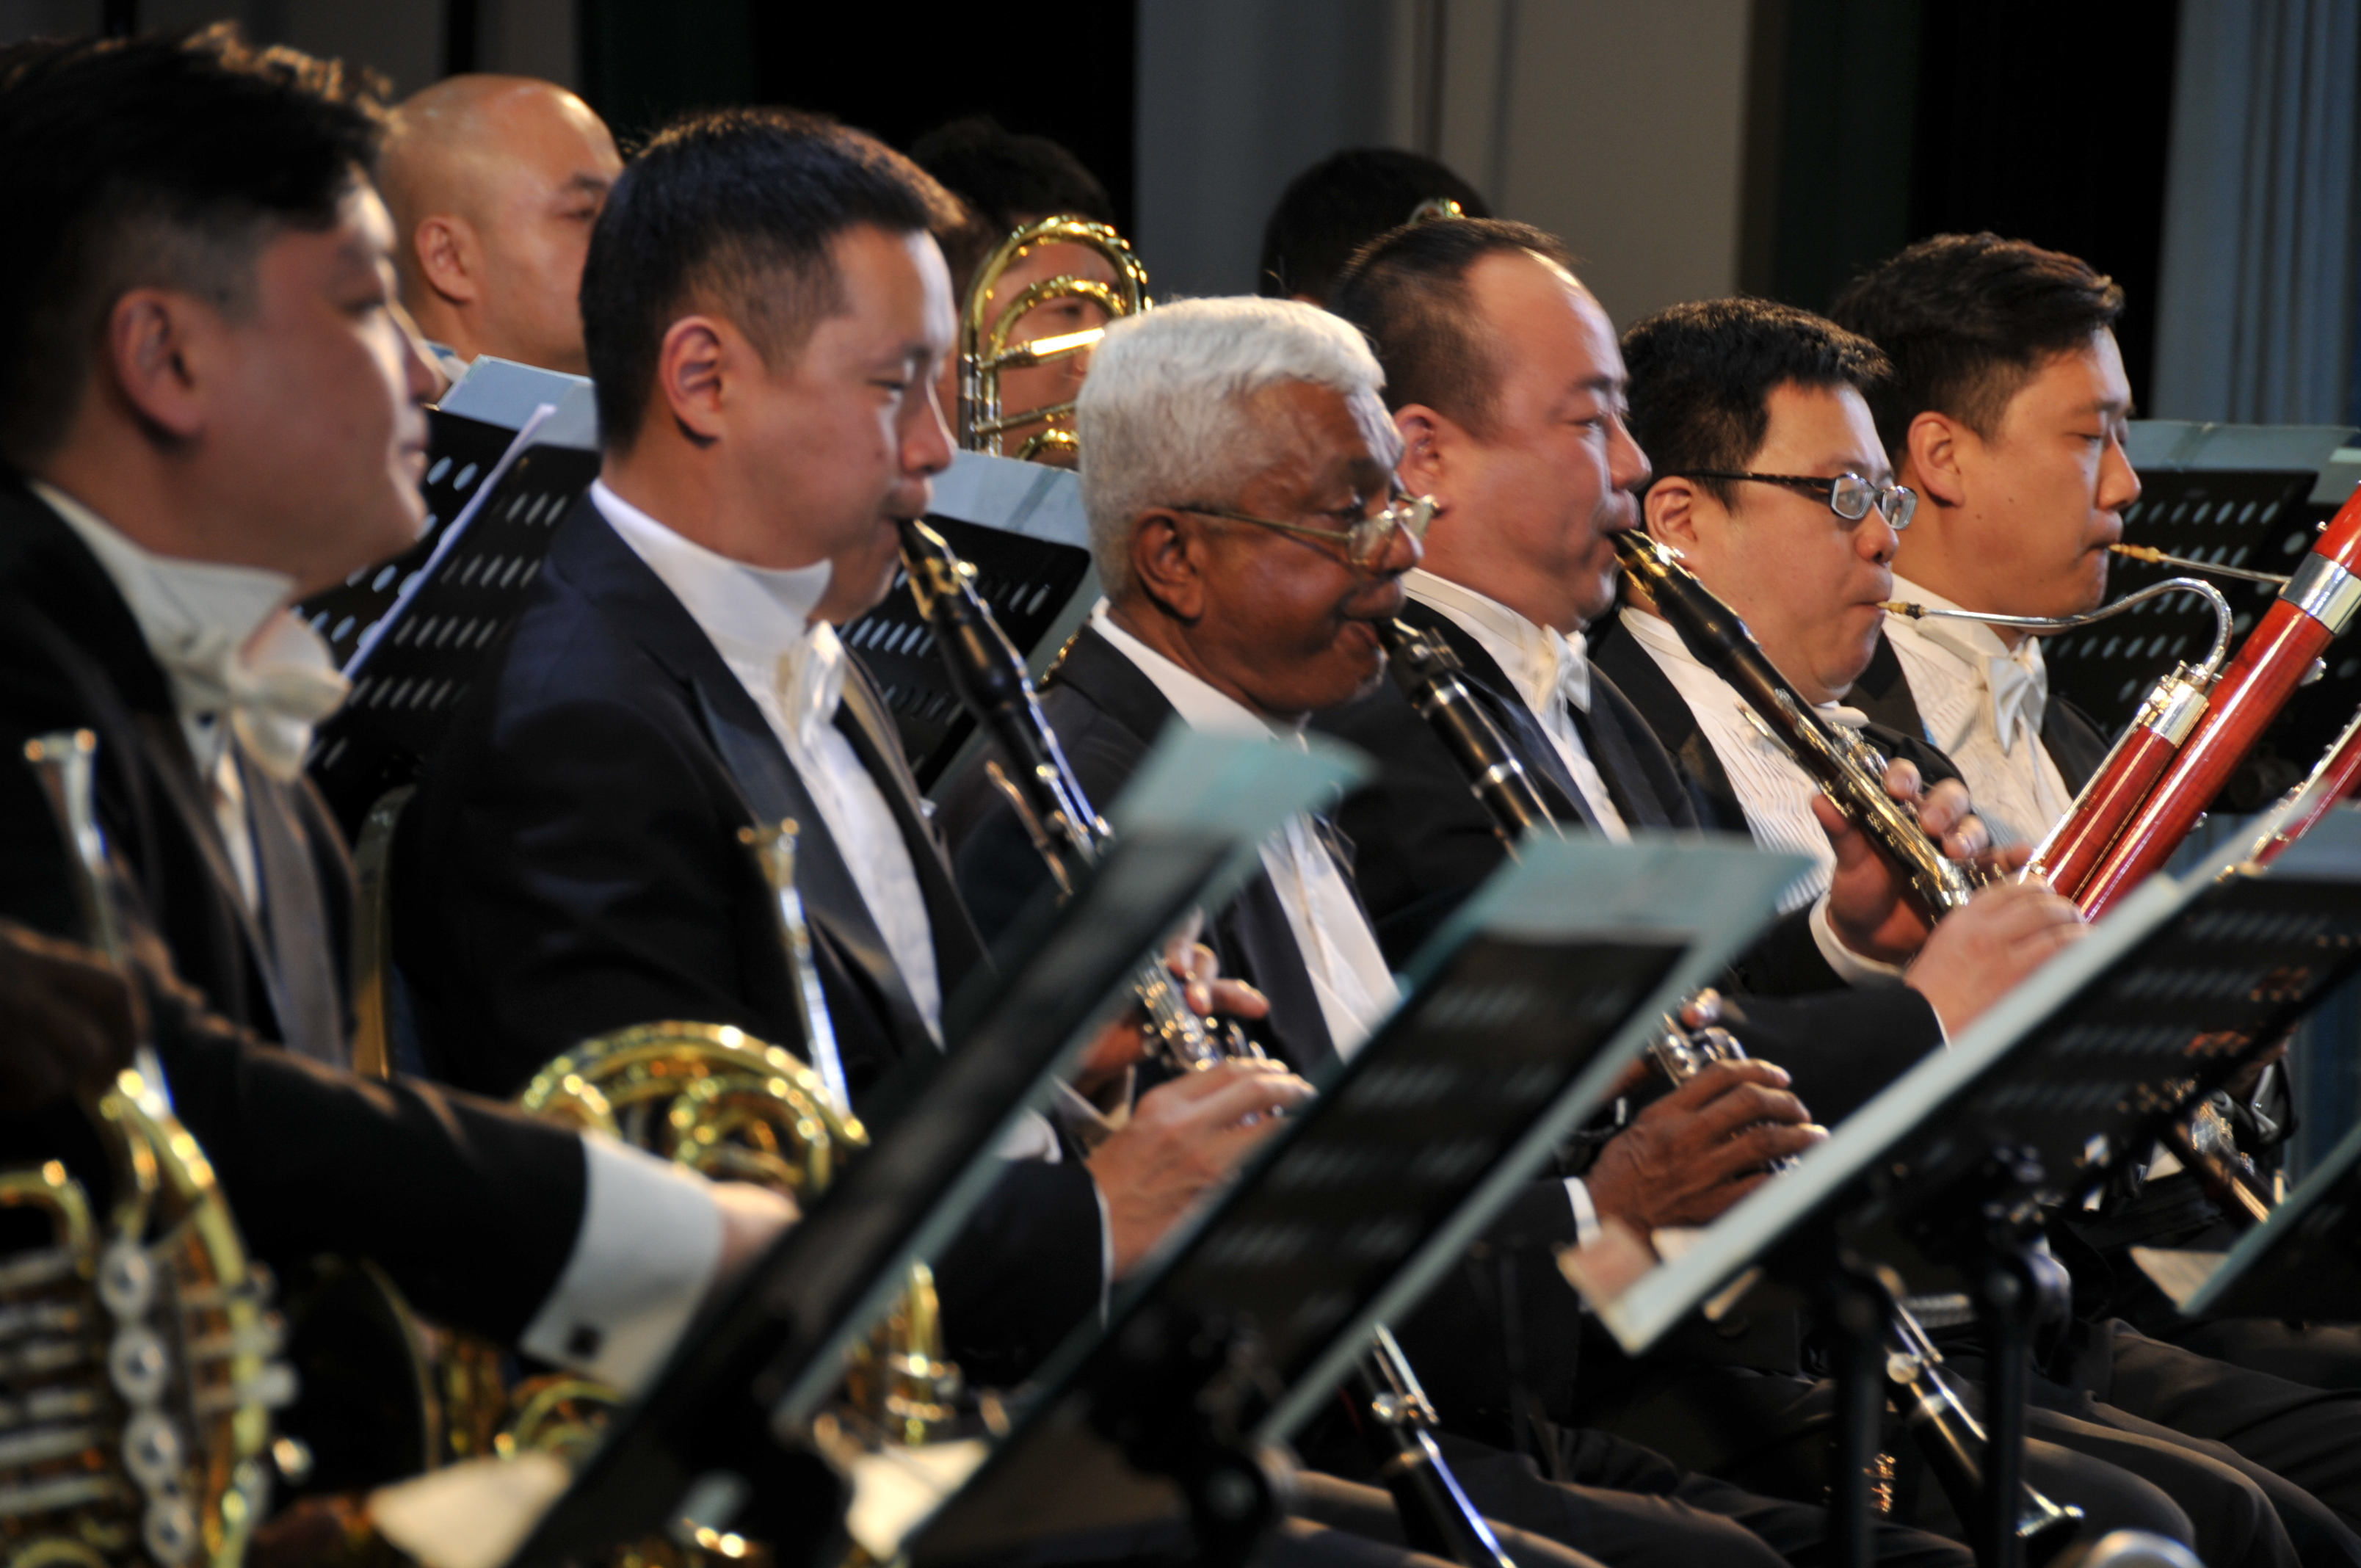 2月6日,科伦坡,两国交响乐团共同演奏世界名曲《新世界交响曲》。;(;新华社记者黄海敏摄;)